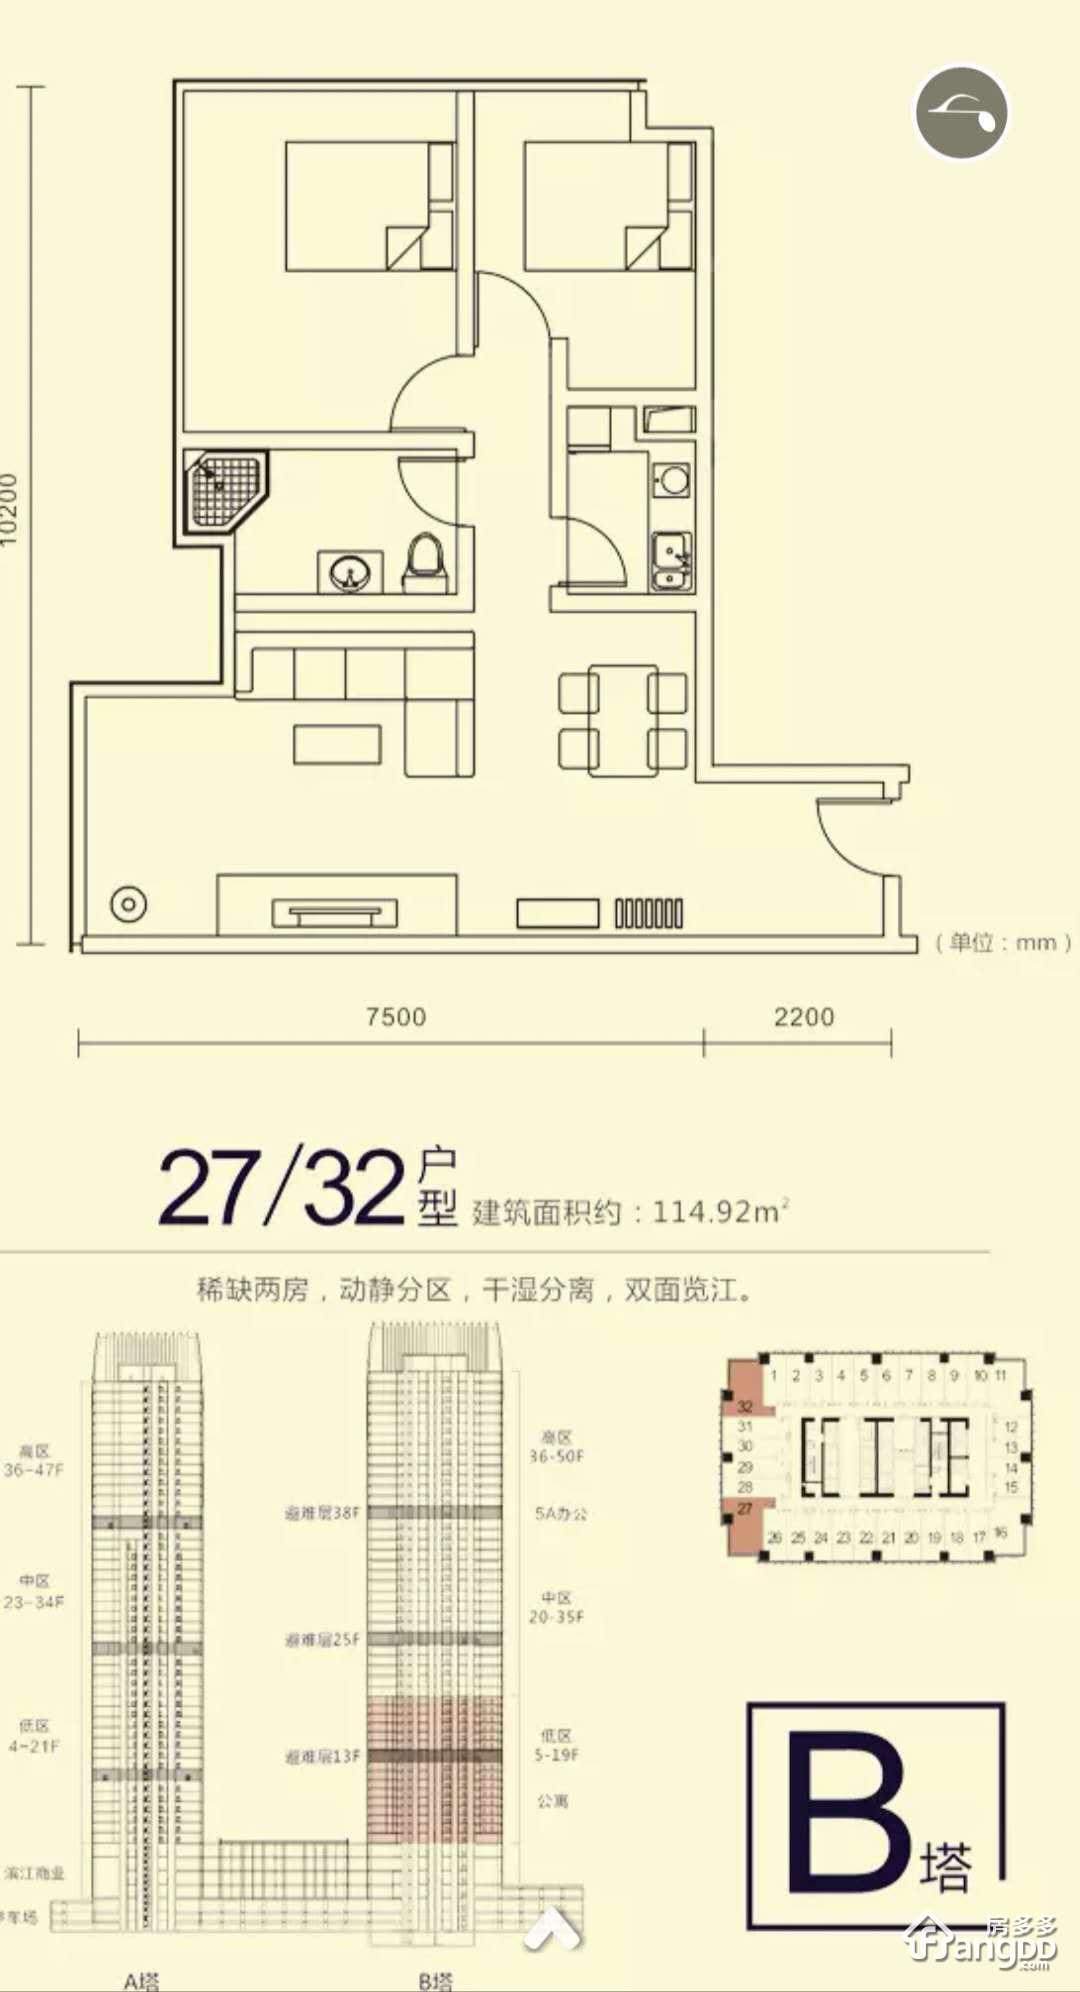 汇景发展环球中心2室2厅1卫户型图